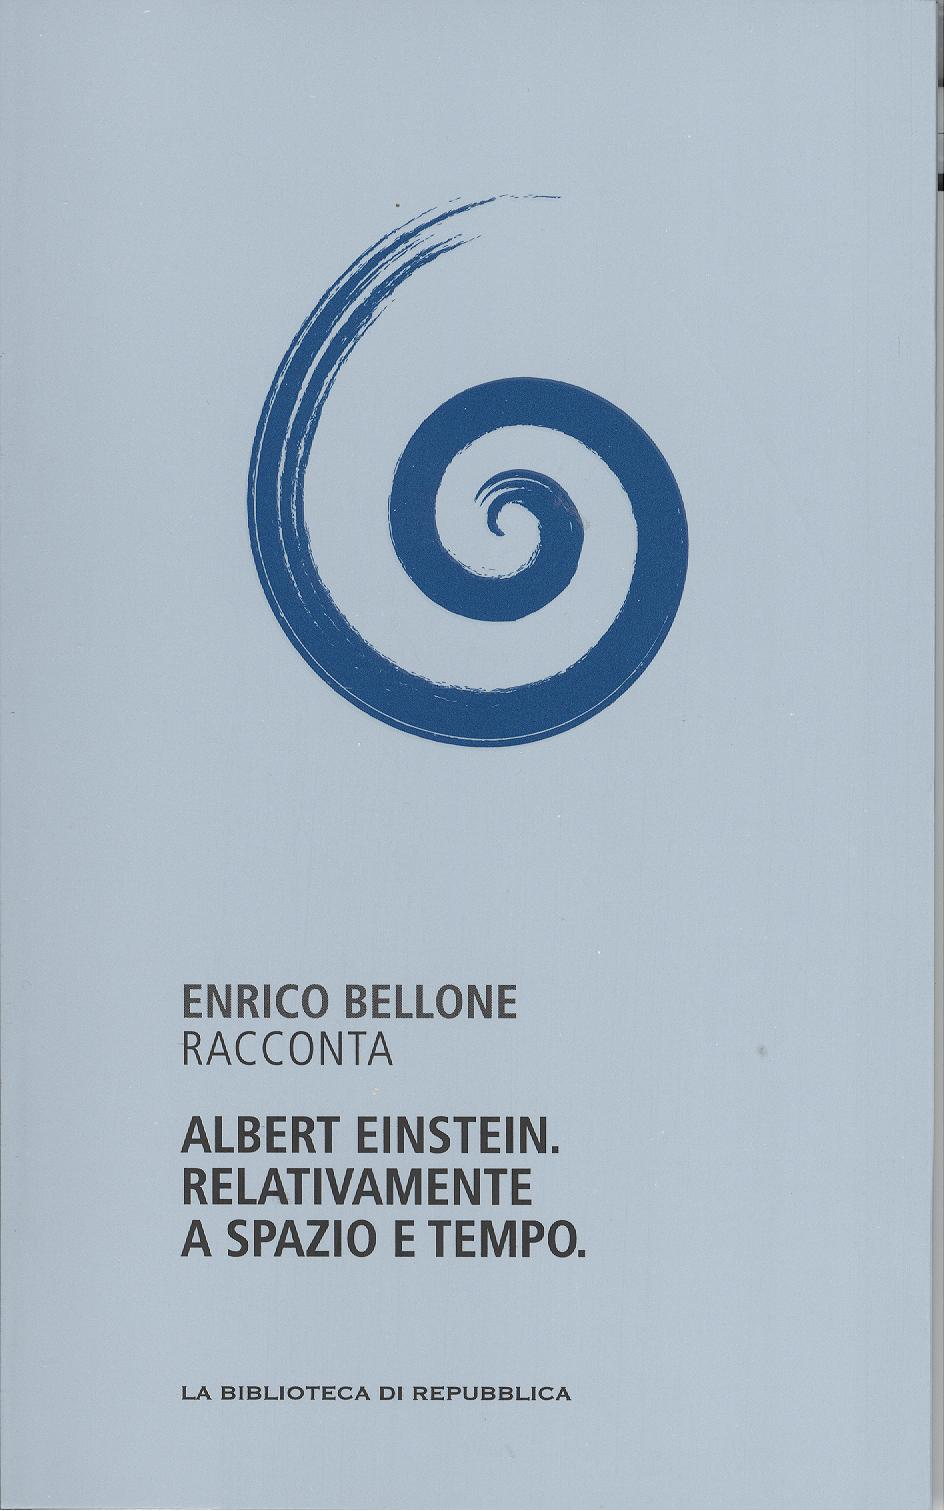 Enrico Bellone racco...